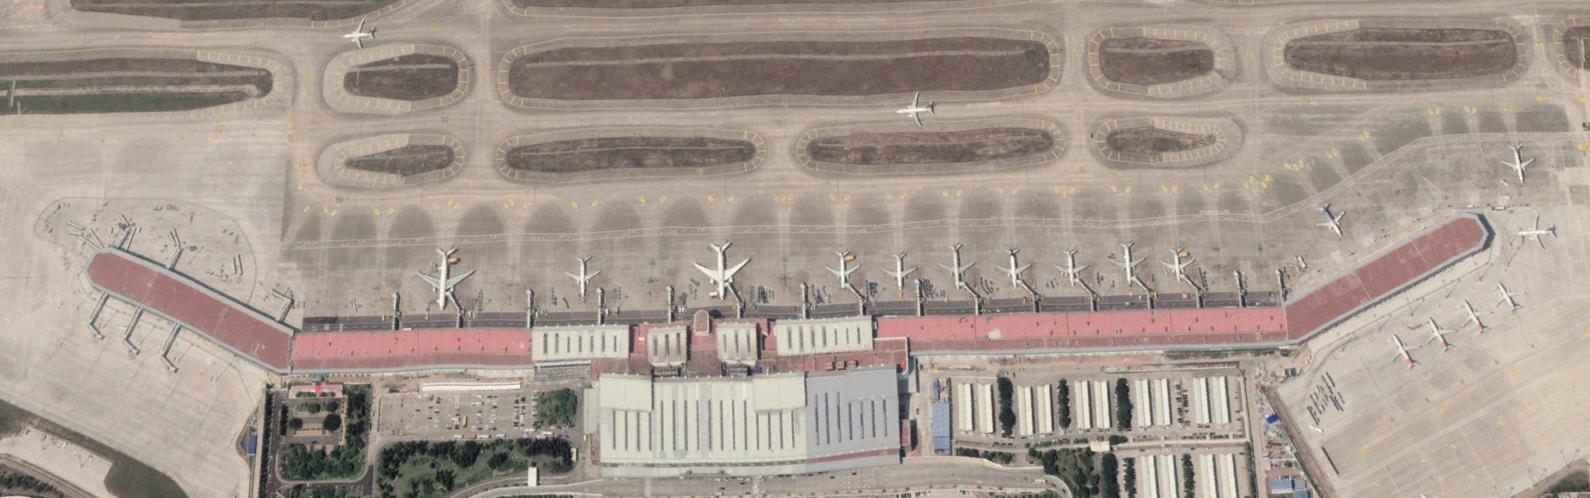 福州机场扩建季度